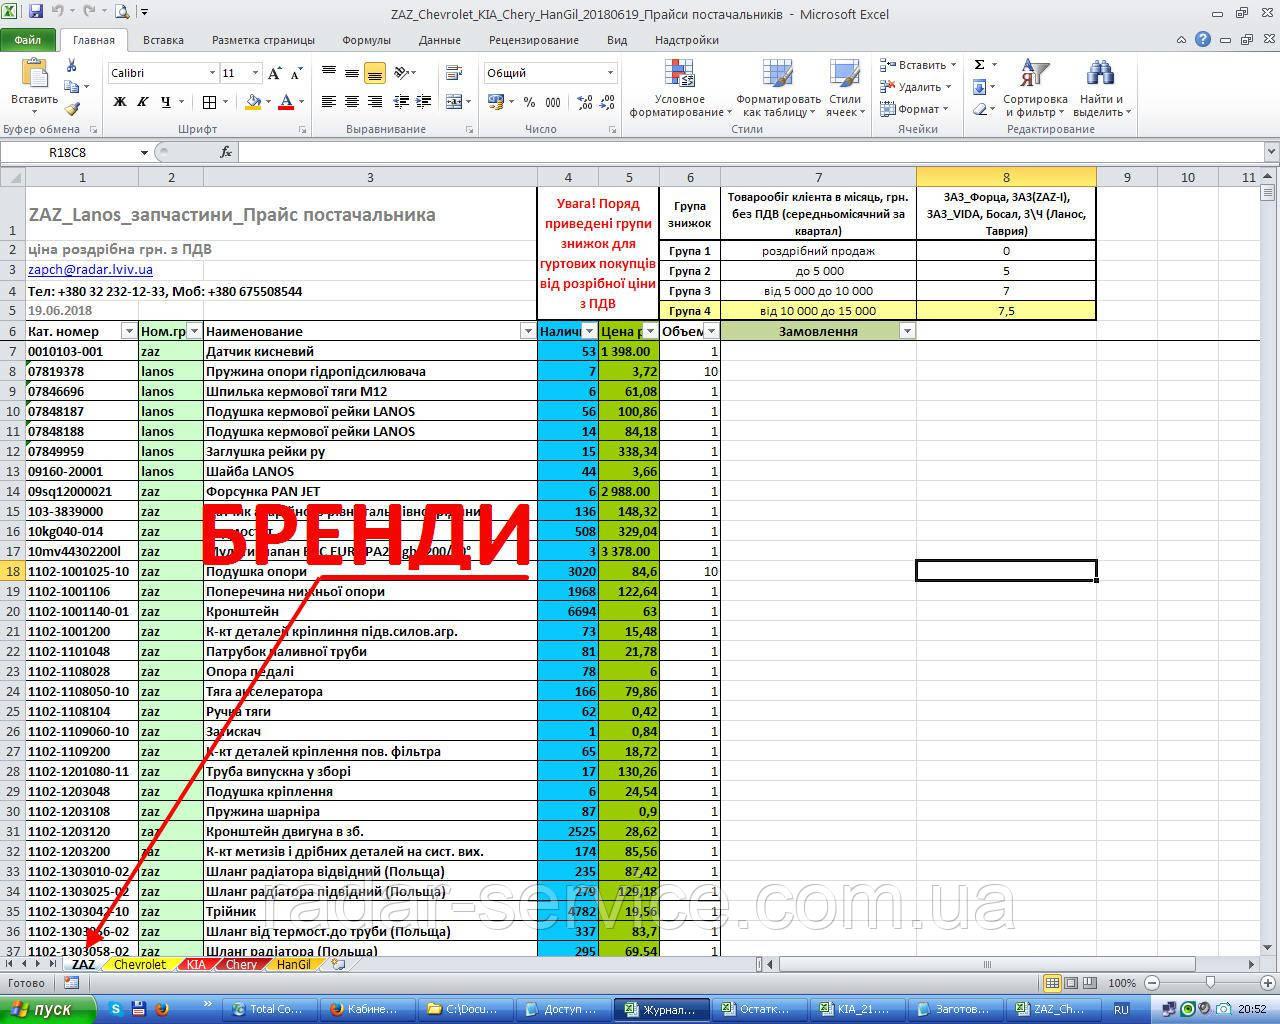 Прайсы официальных поставщиков запчастей от 30.08.2018г.